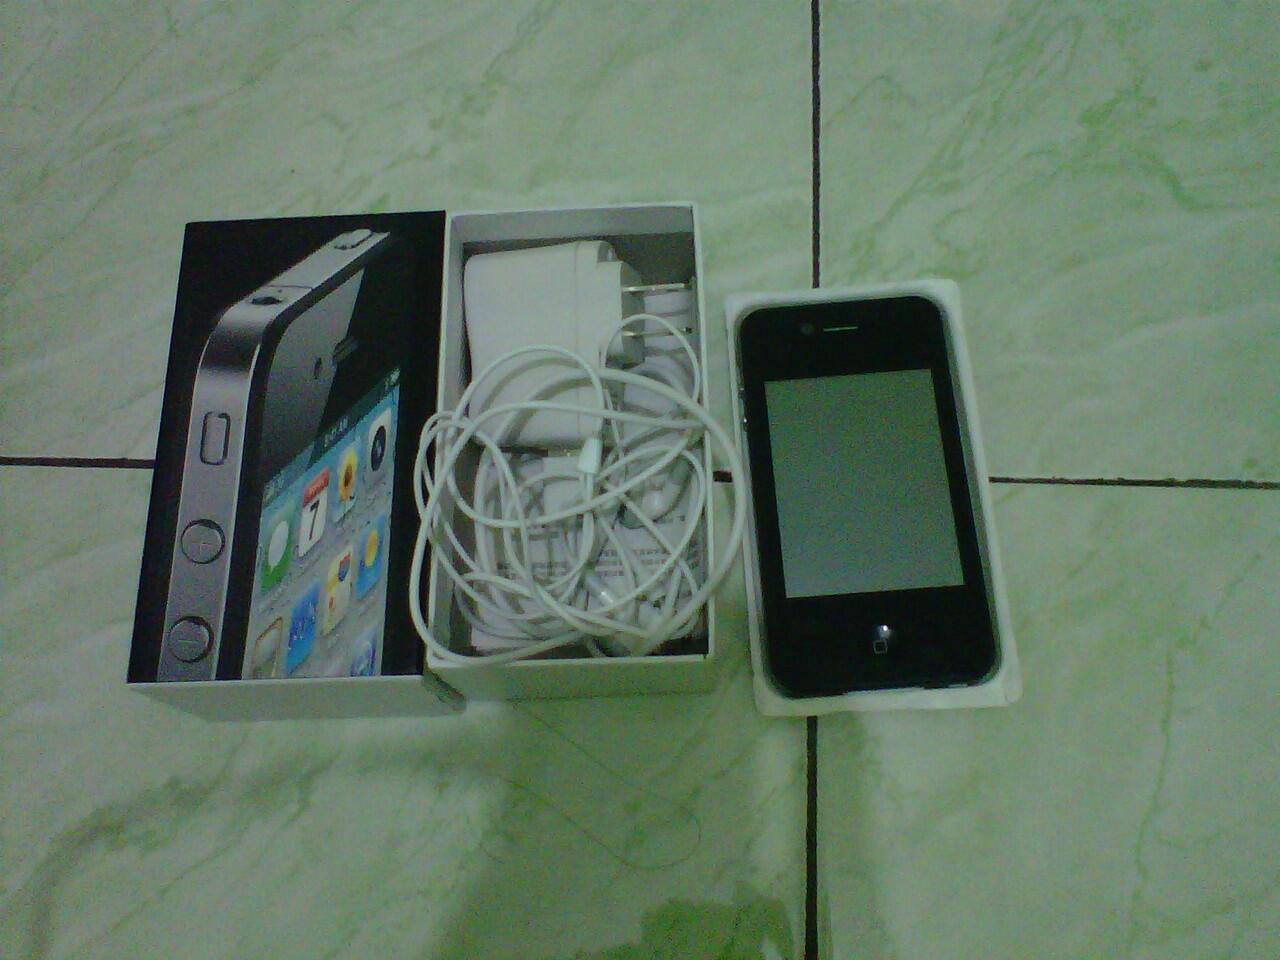 REPLIKA SAMSUNG GALAXY S3 DAN REPLIKA IPHONE 4 . MURAH !!! SEMARANG